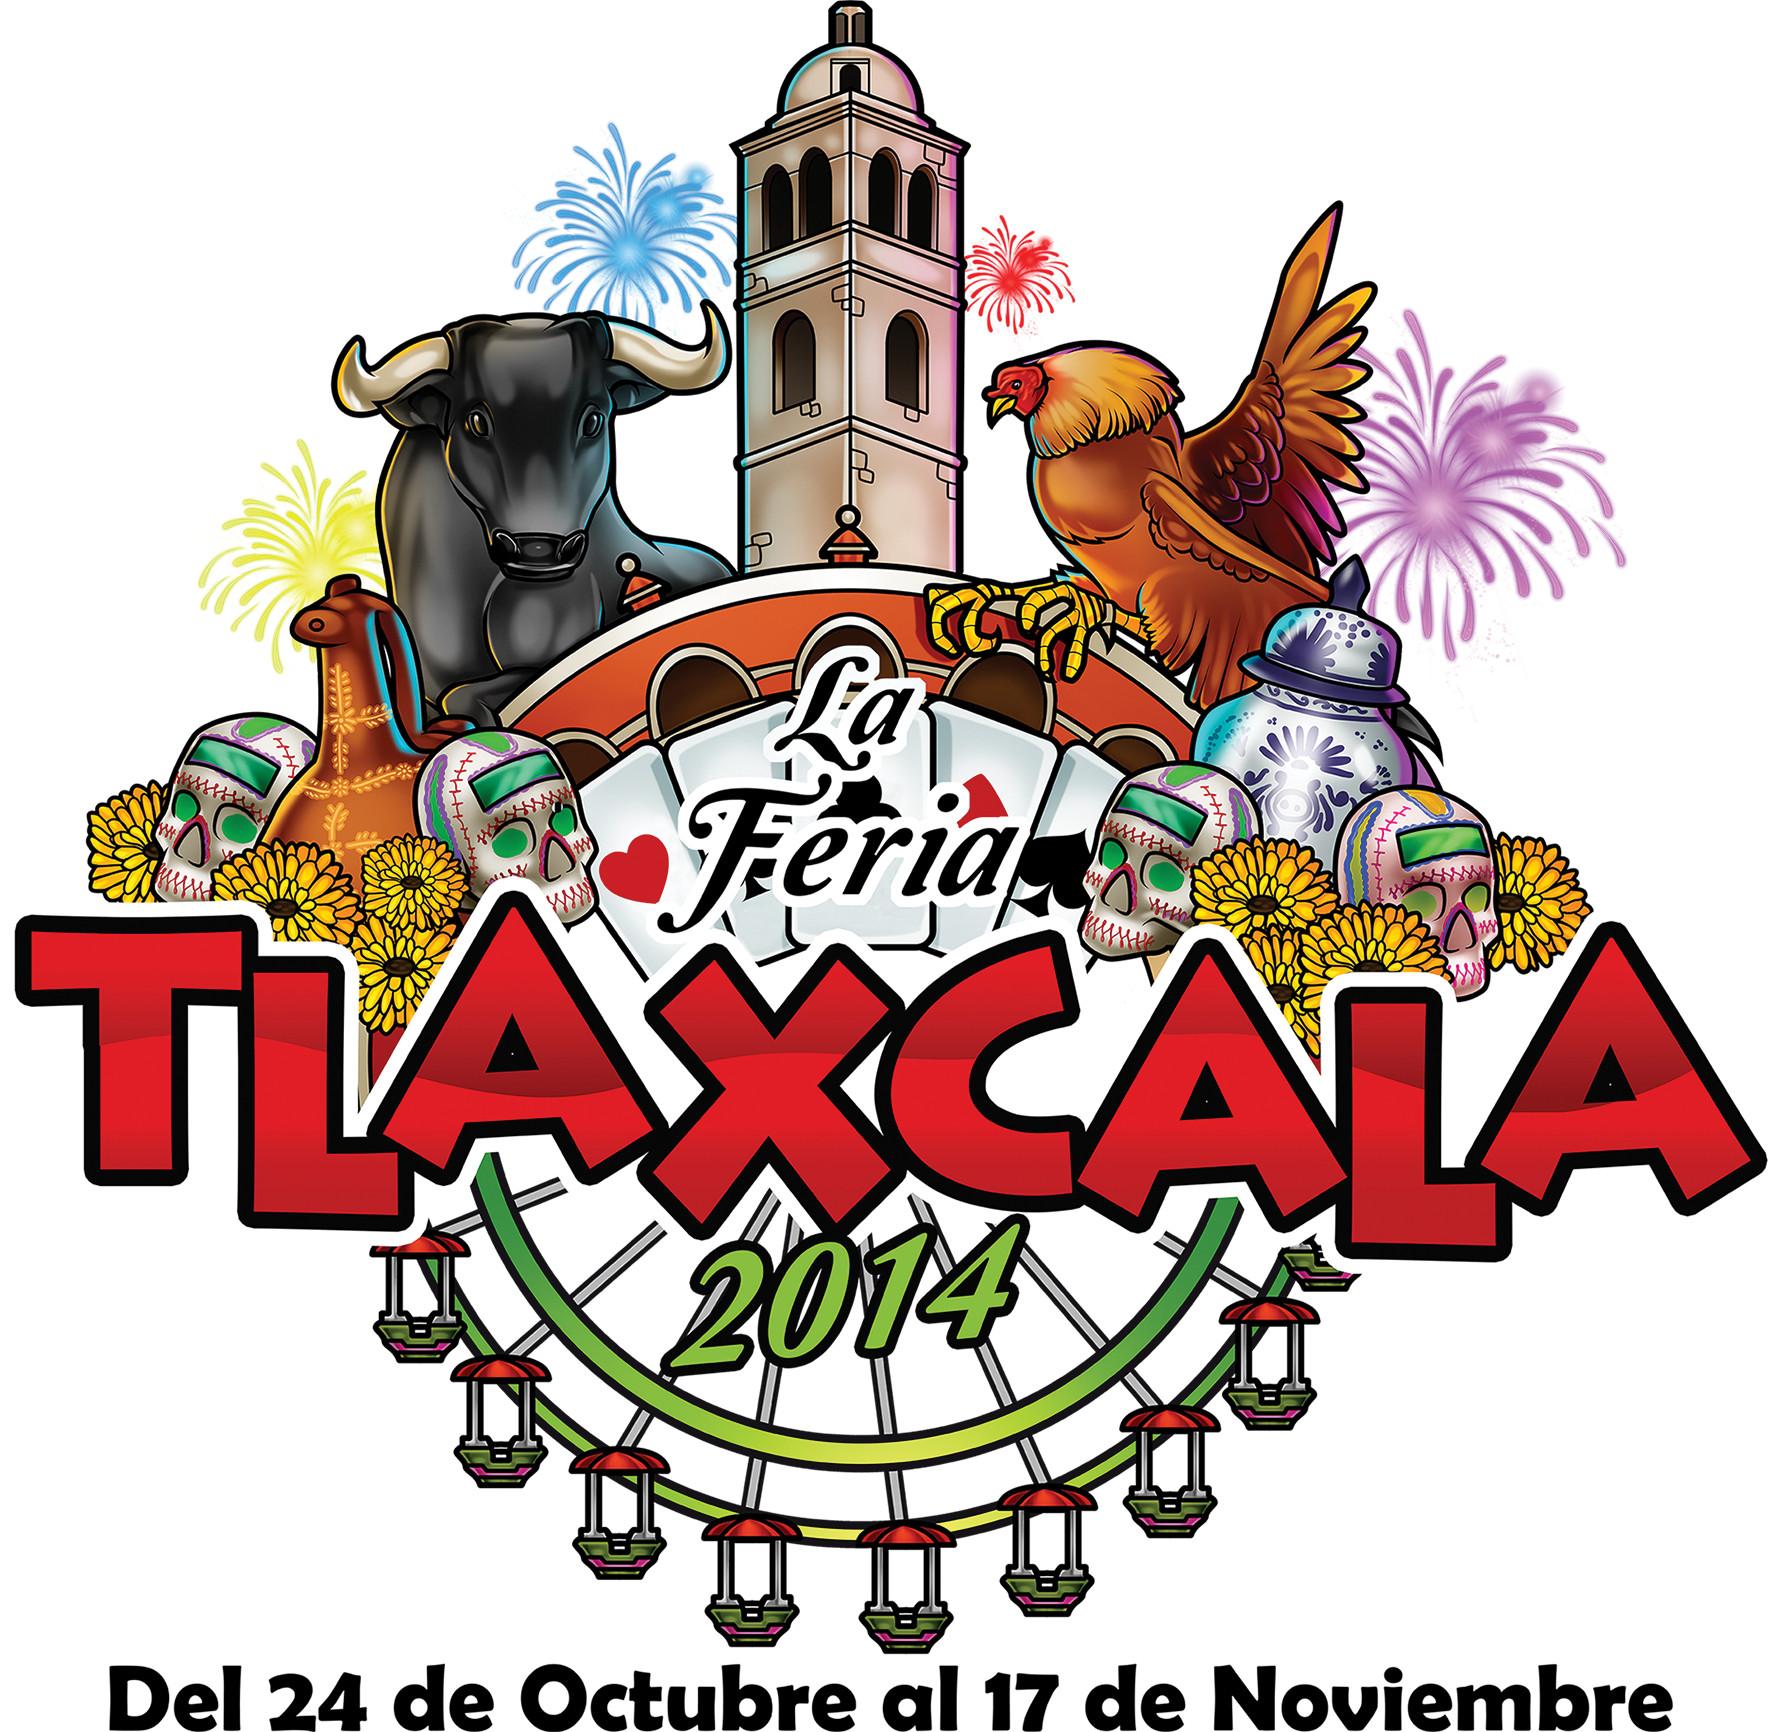 tlaxcala2014